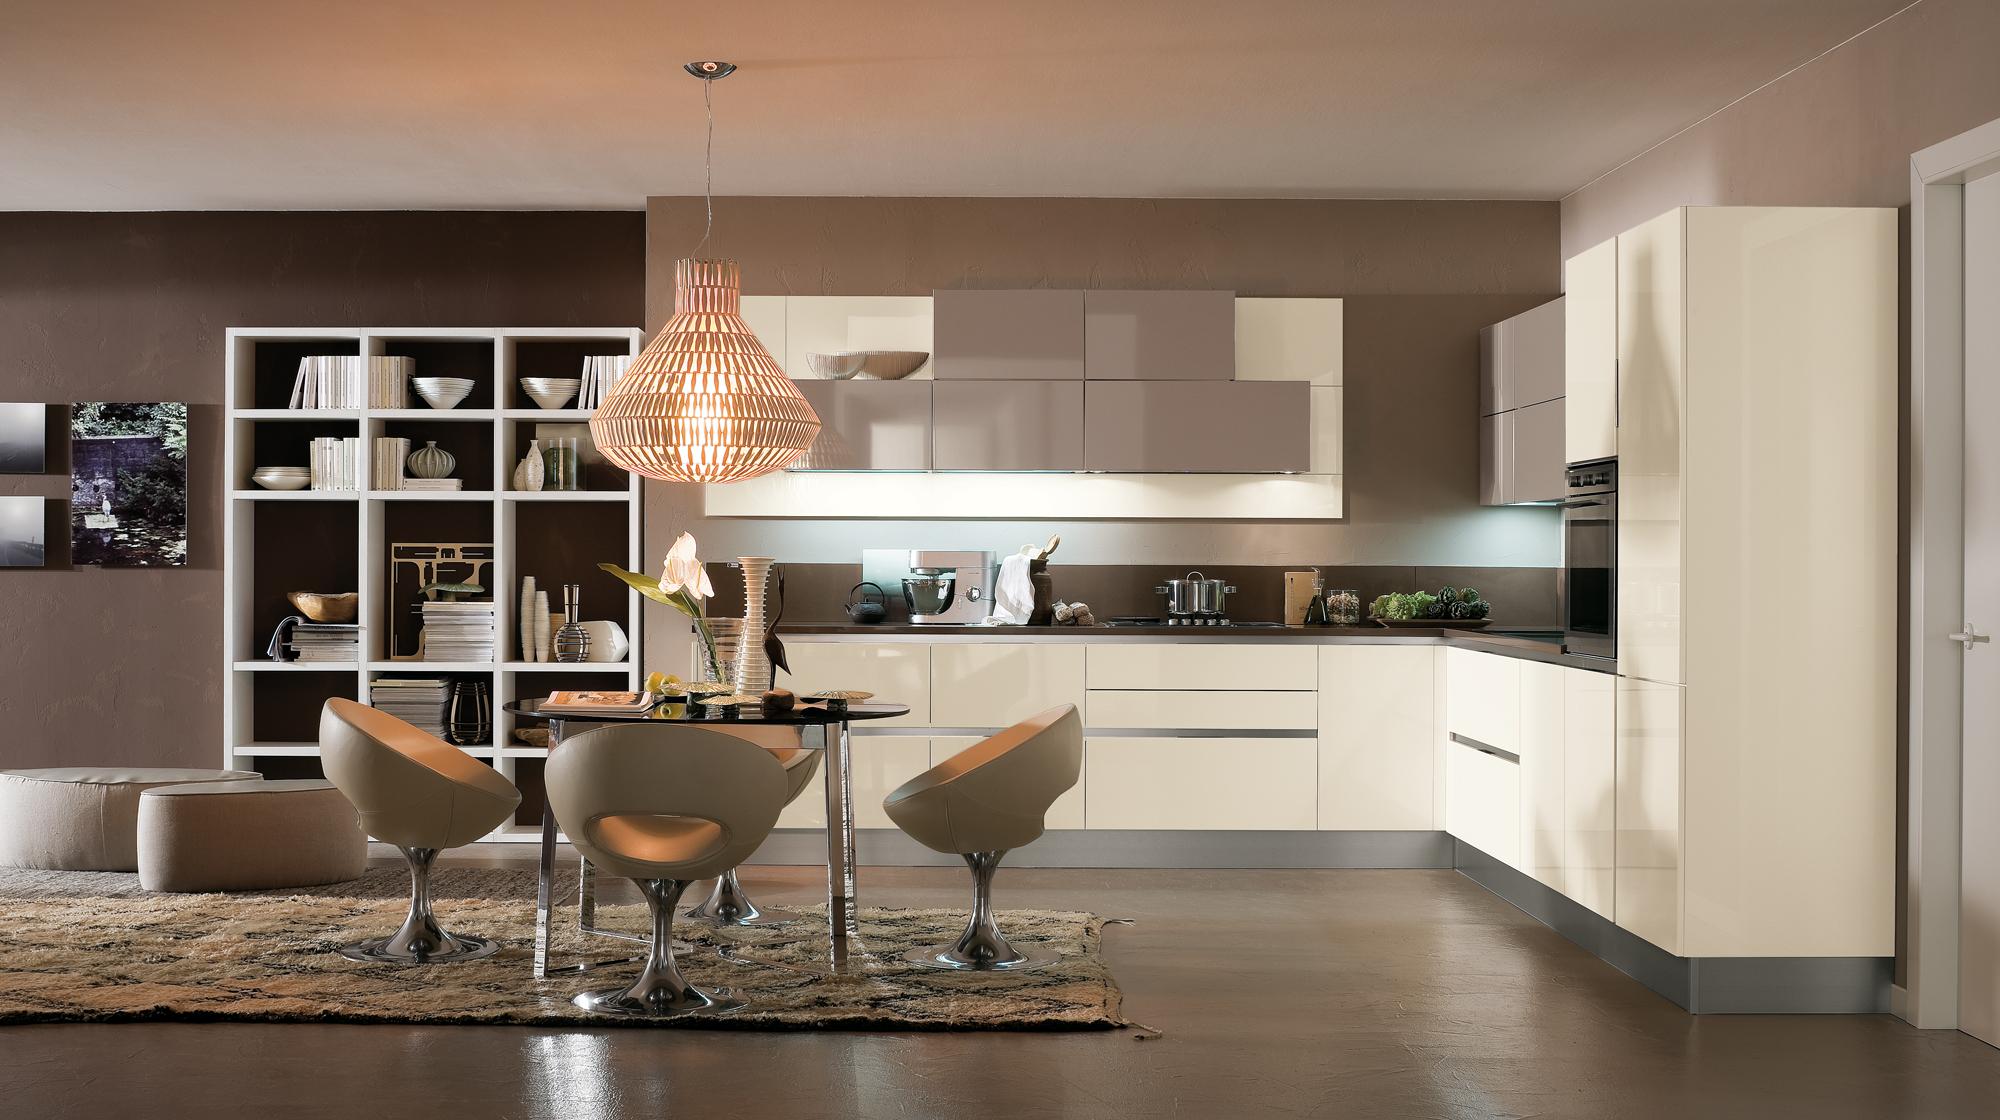 Vernice Per Pareti Cucina. Trendy Best With Vernice Per Pareti ...